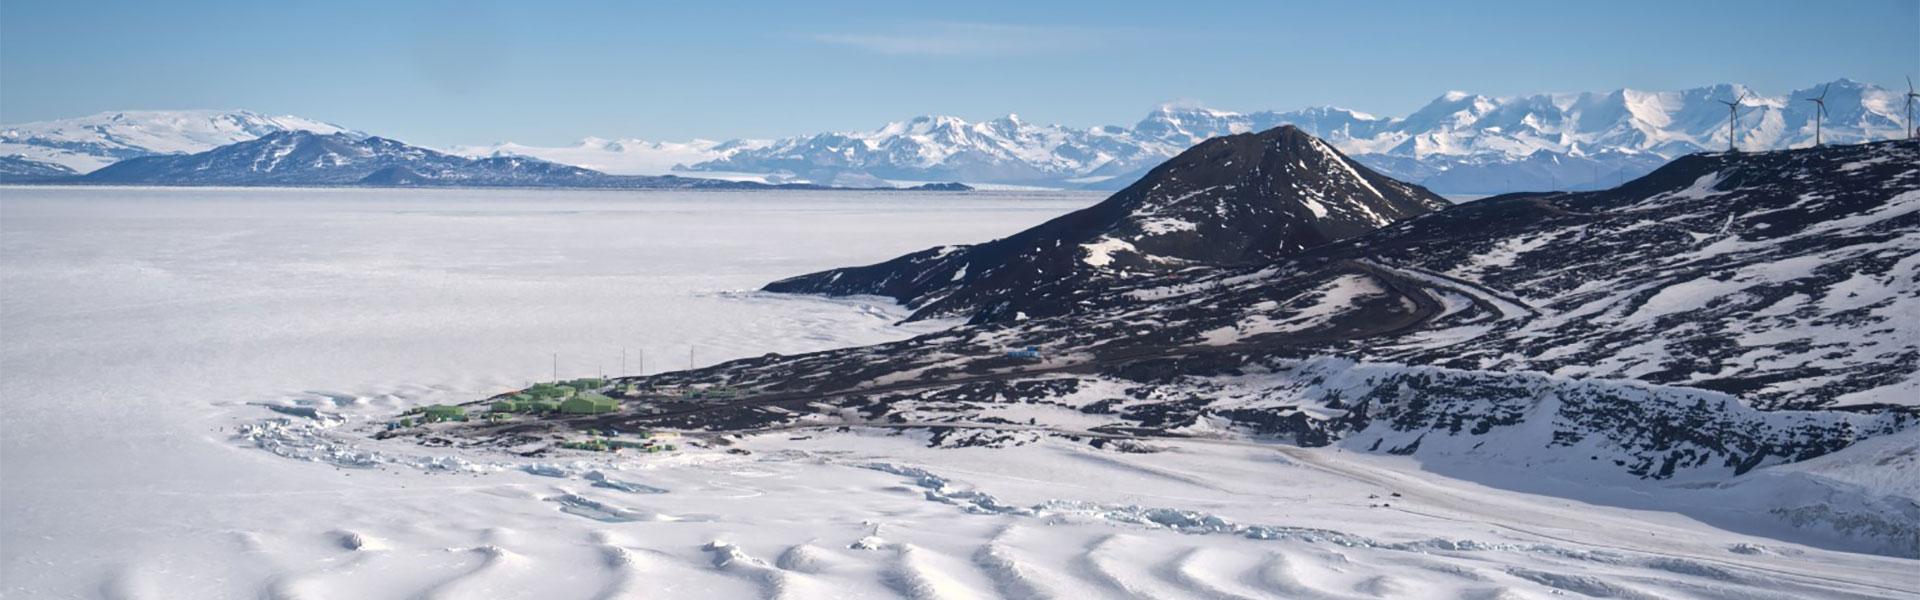 Antarctica NZ | Working at Scott Base